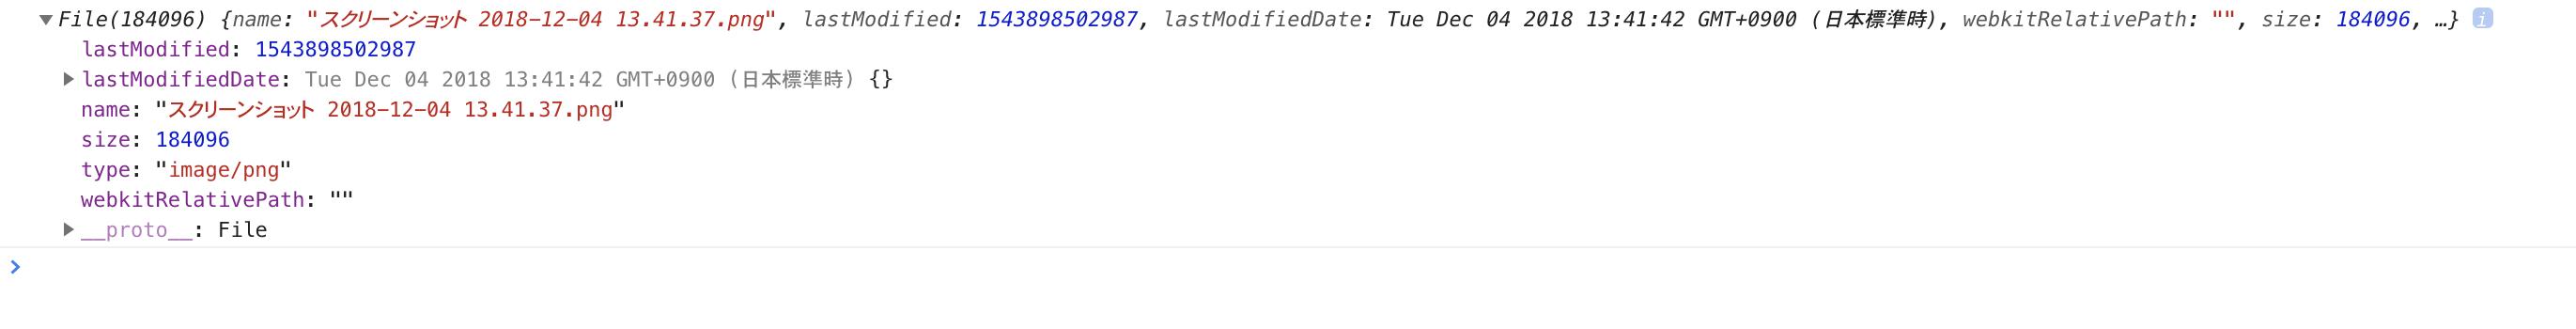 File APIの内容をconsoleパネルに表示